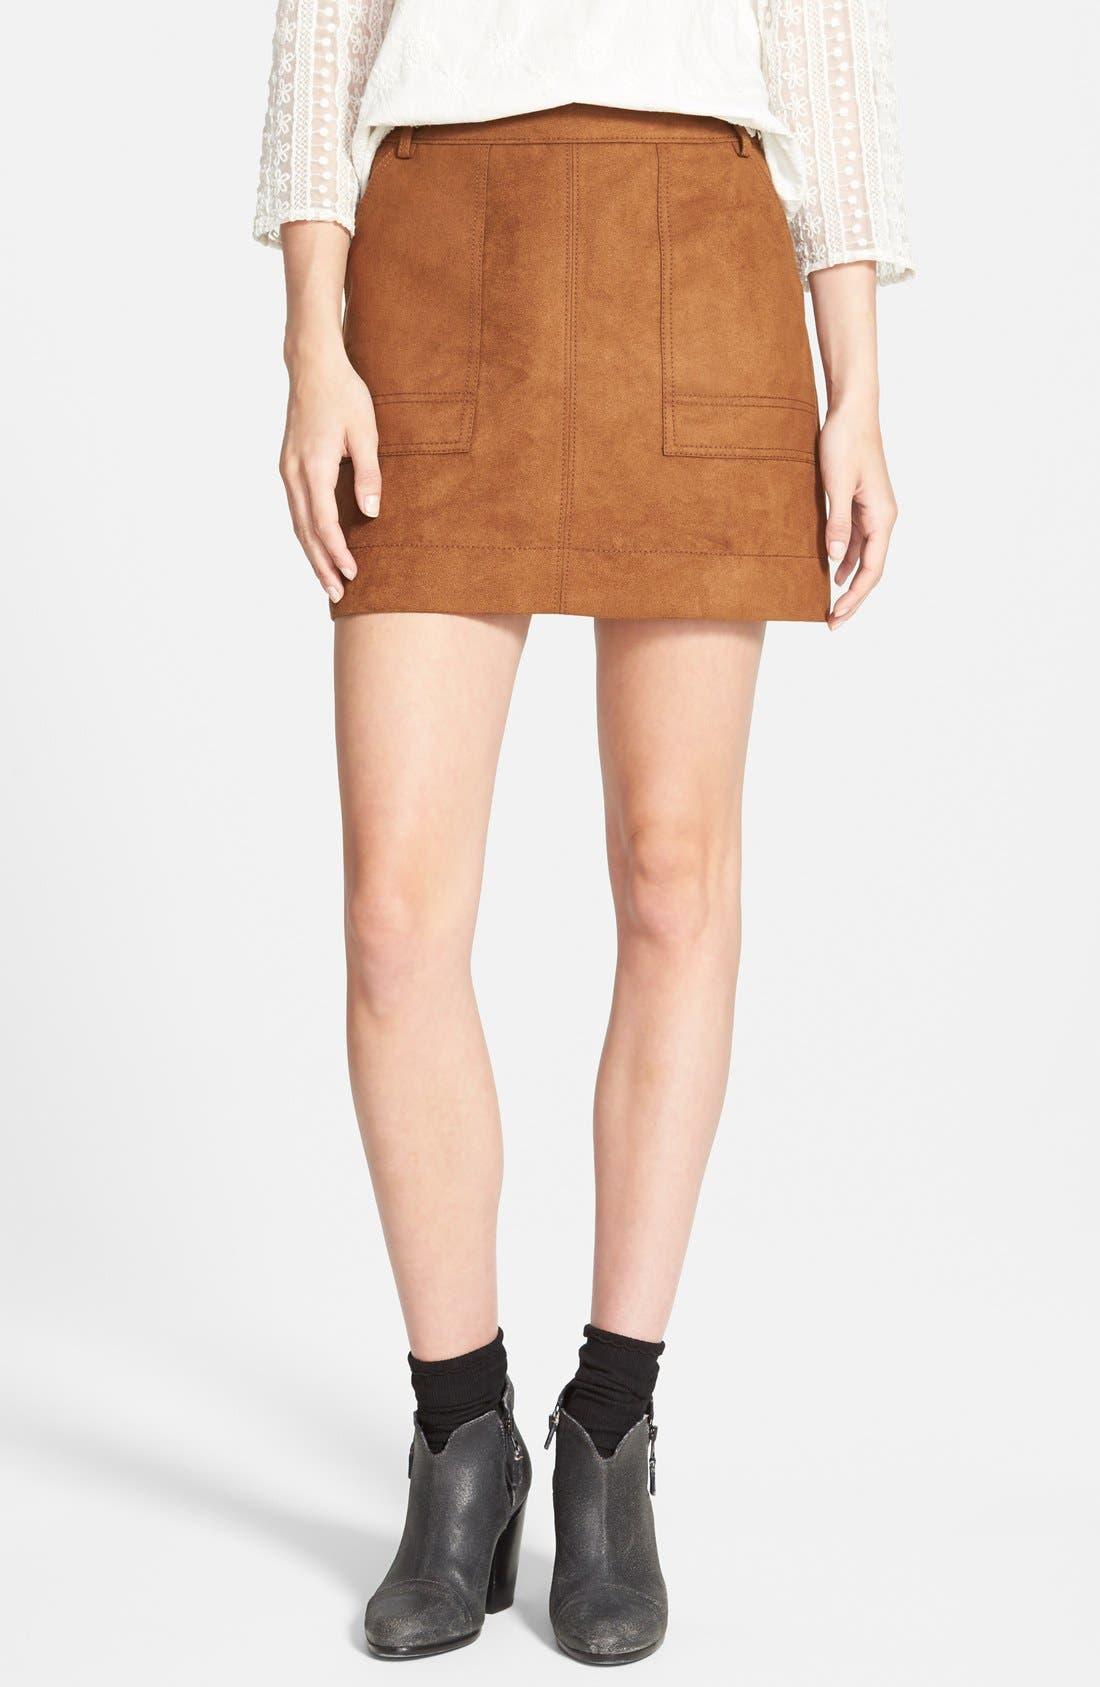 HINGE, Faux Suede A-Line Miniskirt, Main thumbnail 1, color, 200